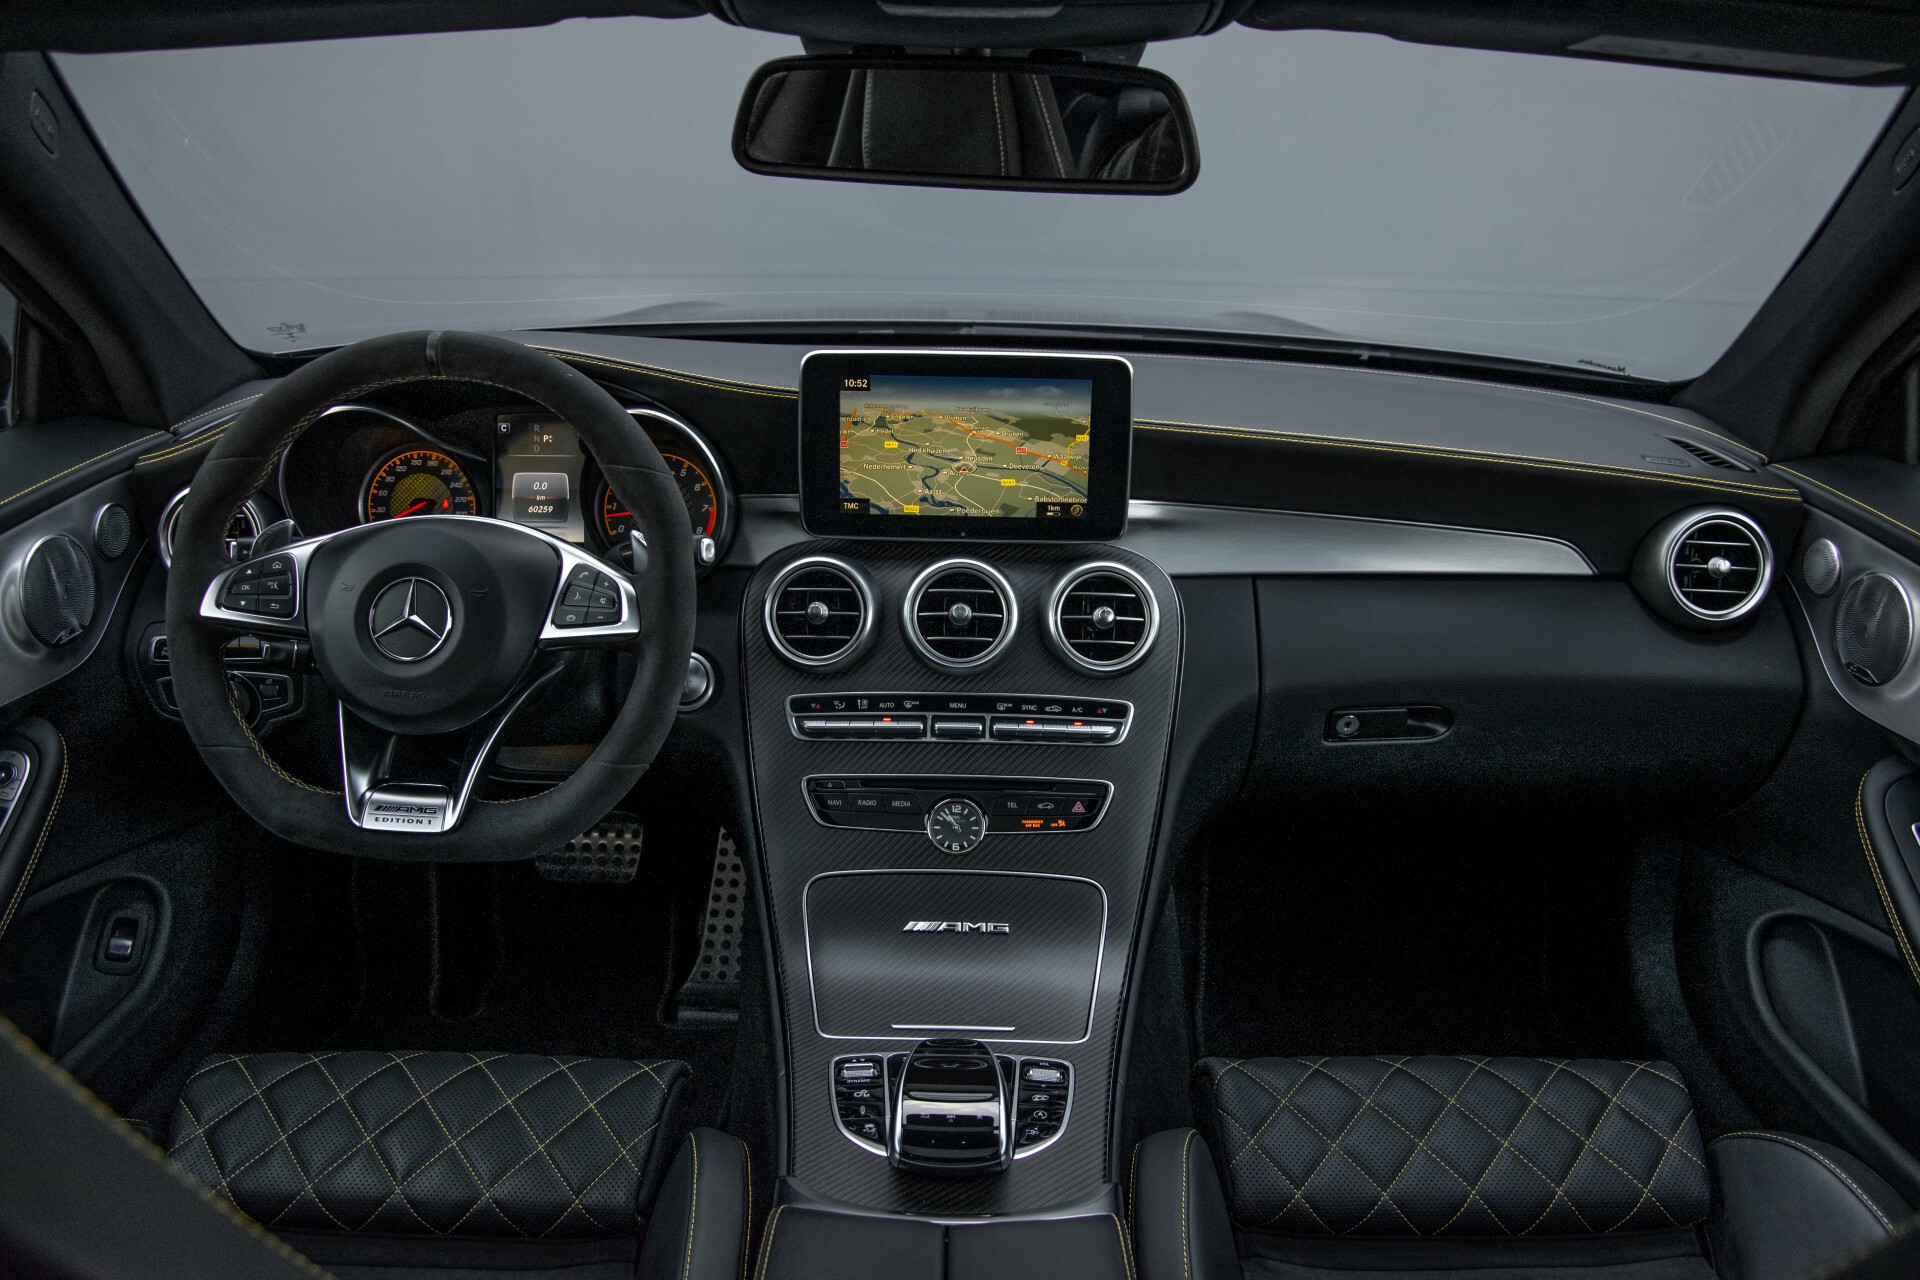 Mercedes-Benz C-Klasse Coupé 63 S AMG EDITION 1 Panorama Aut7 Foto 6